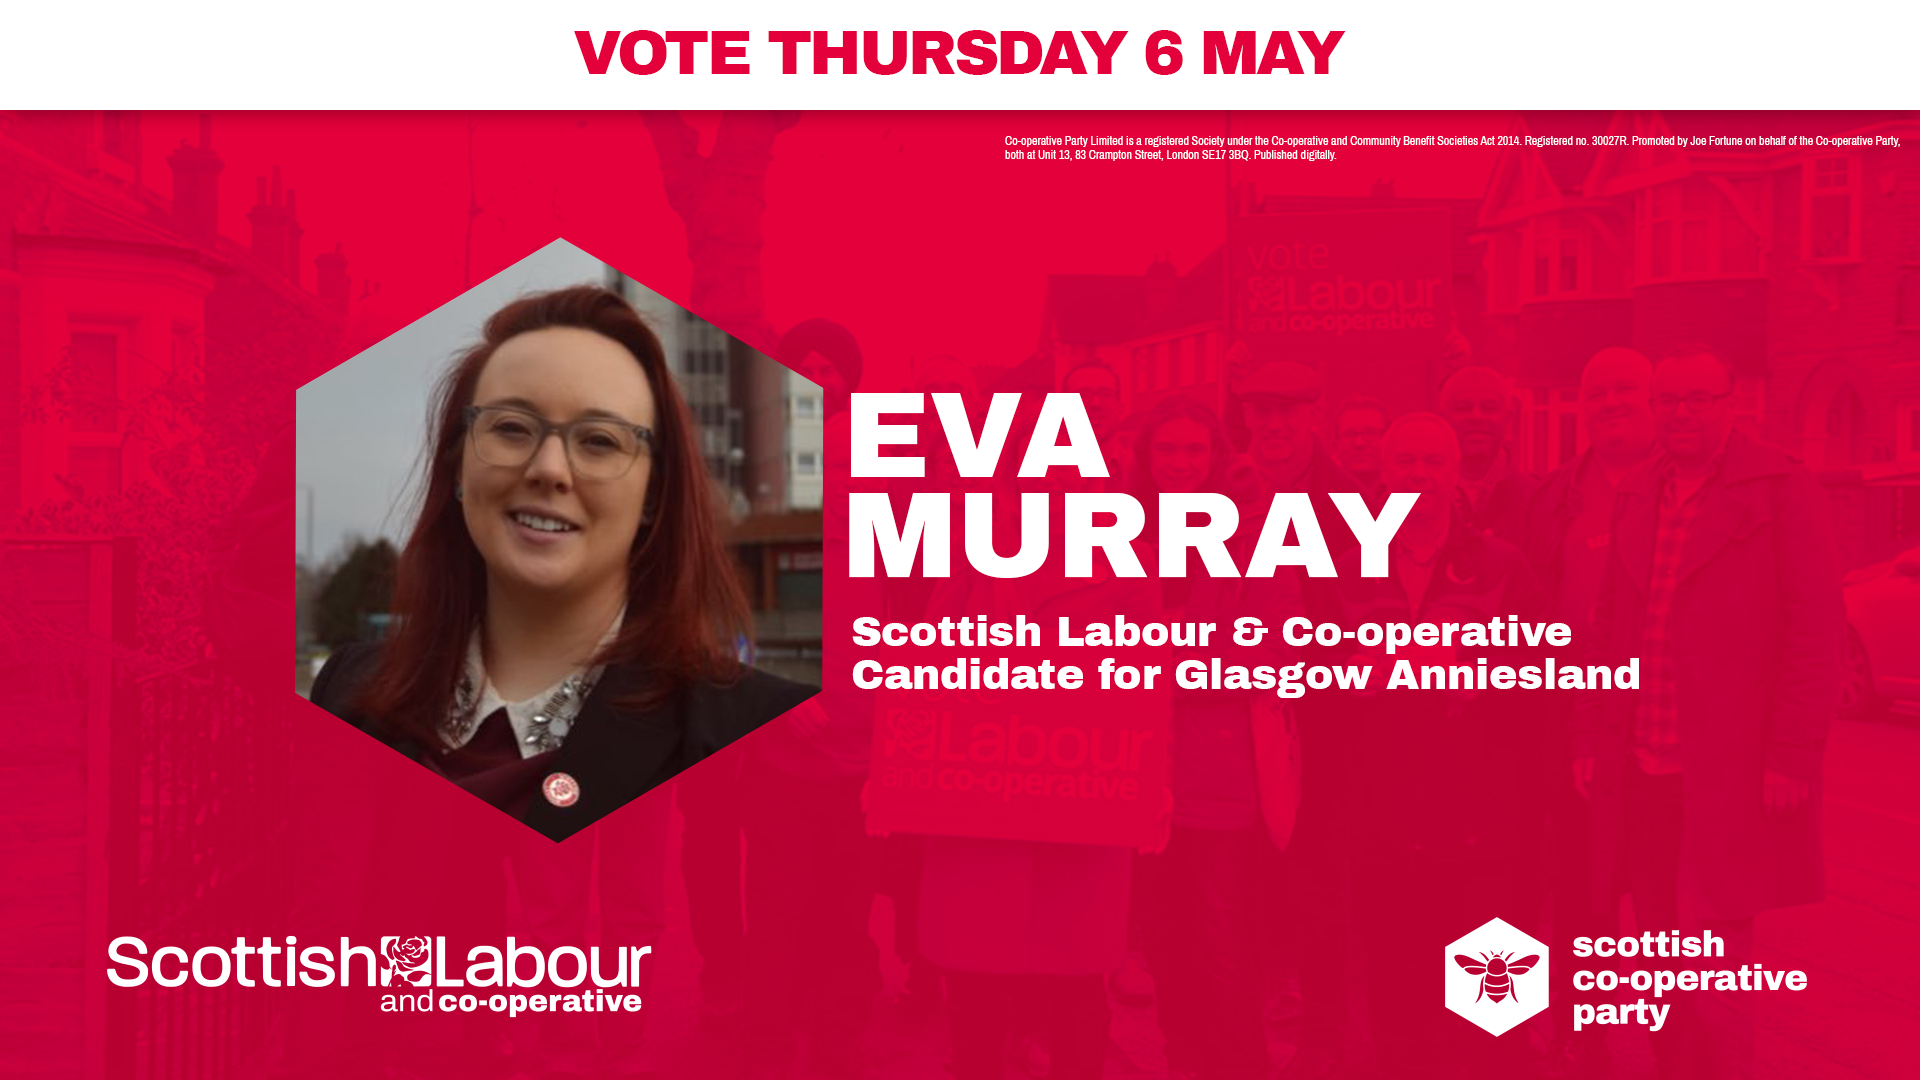 Eva Murray